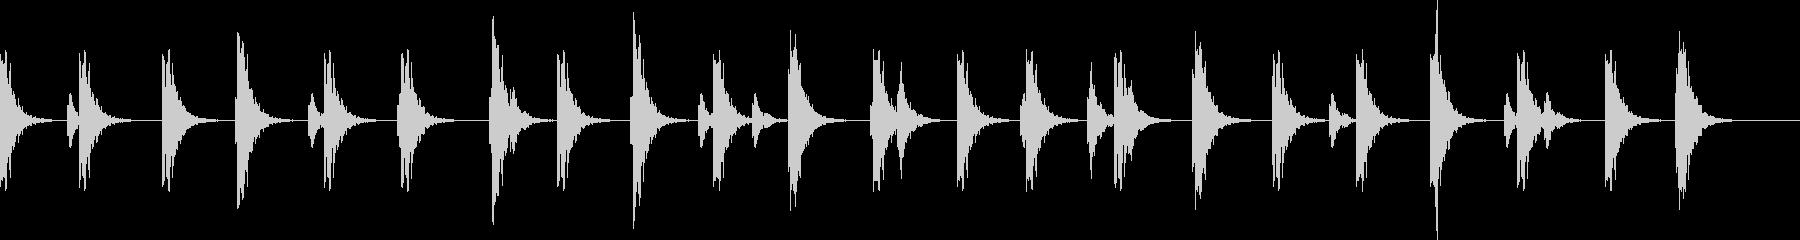 ポタポタ..。洞窟の水滴(高・長)の未再生の波形